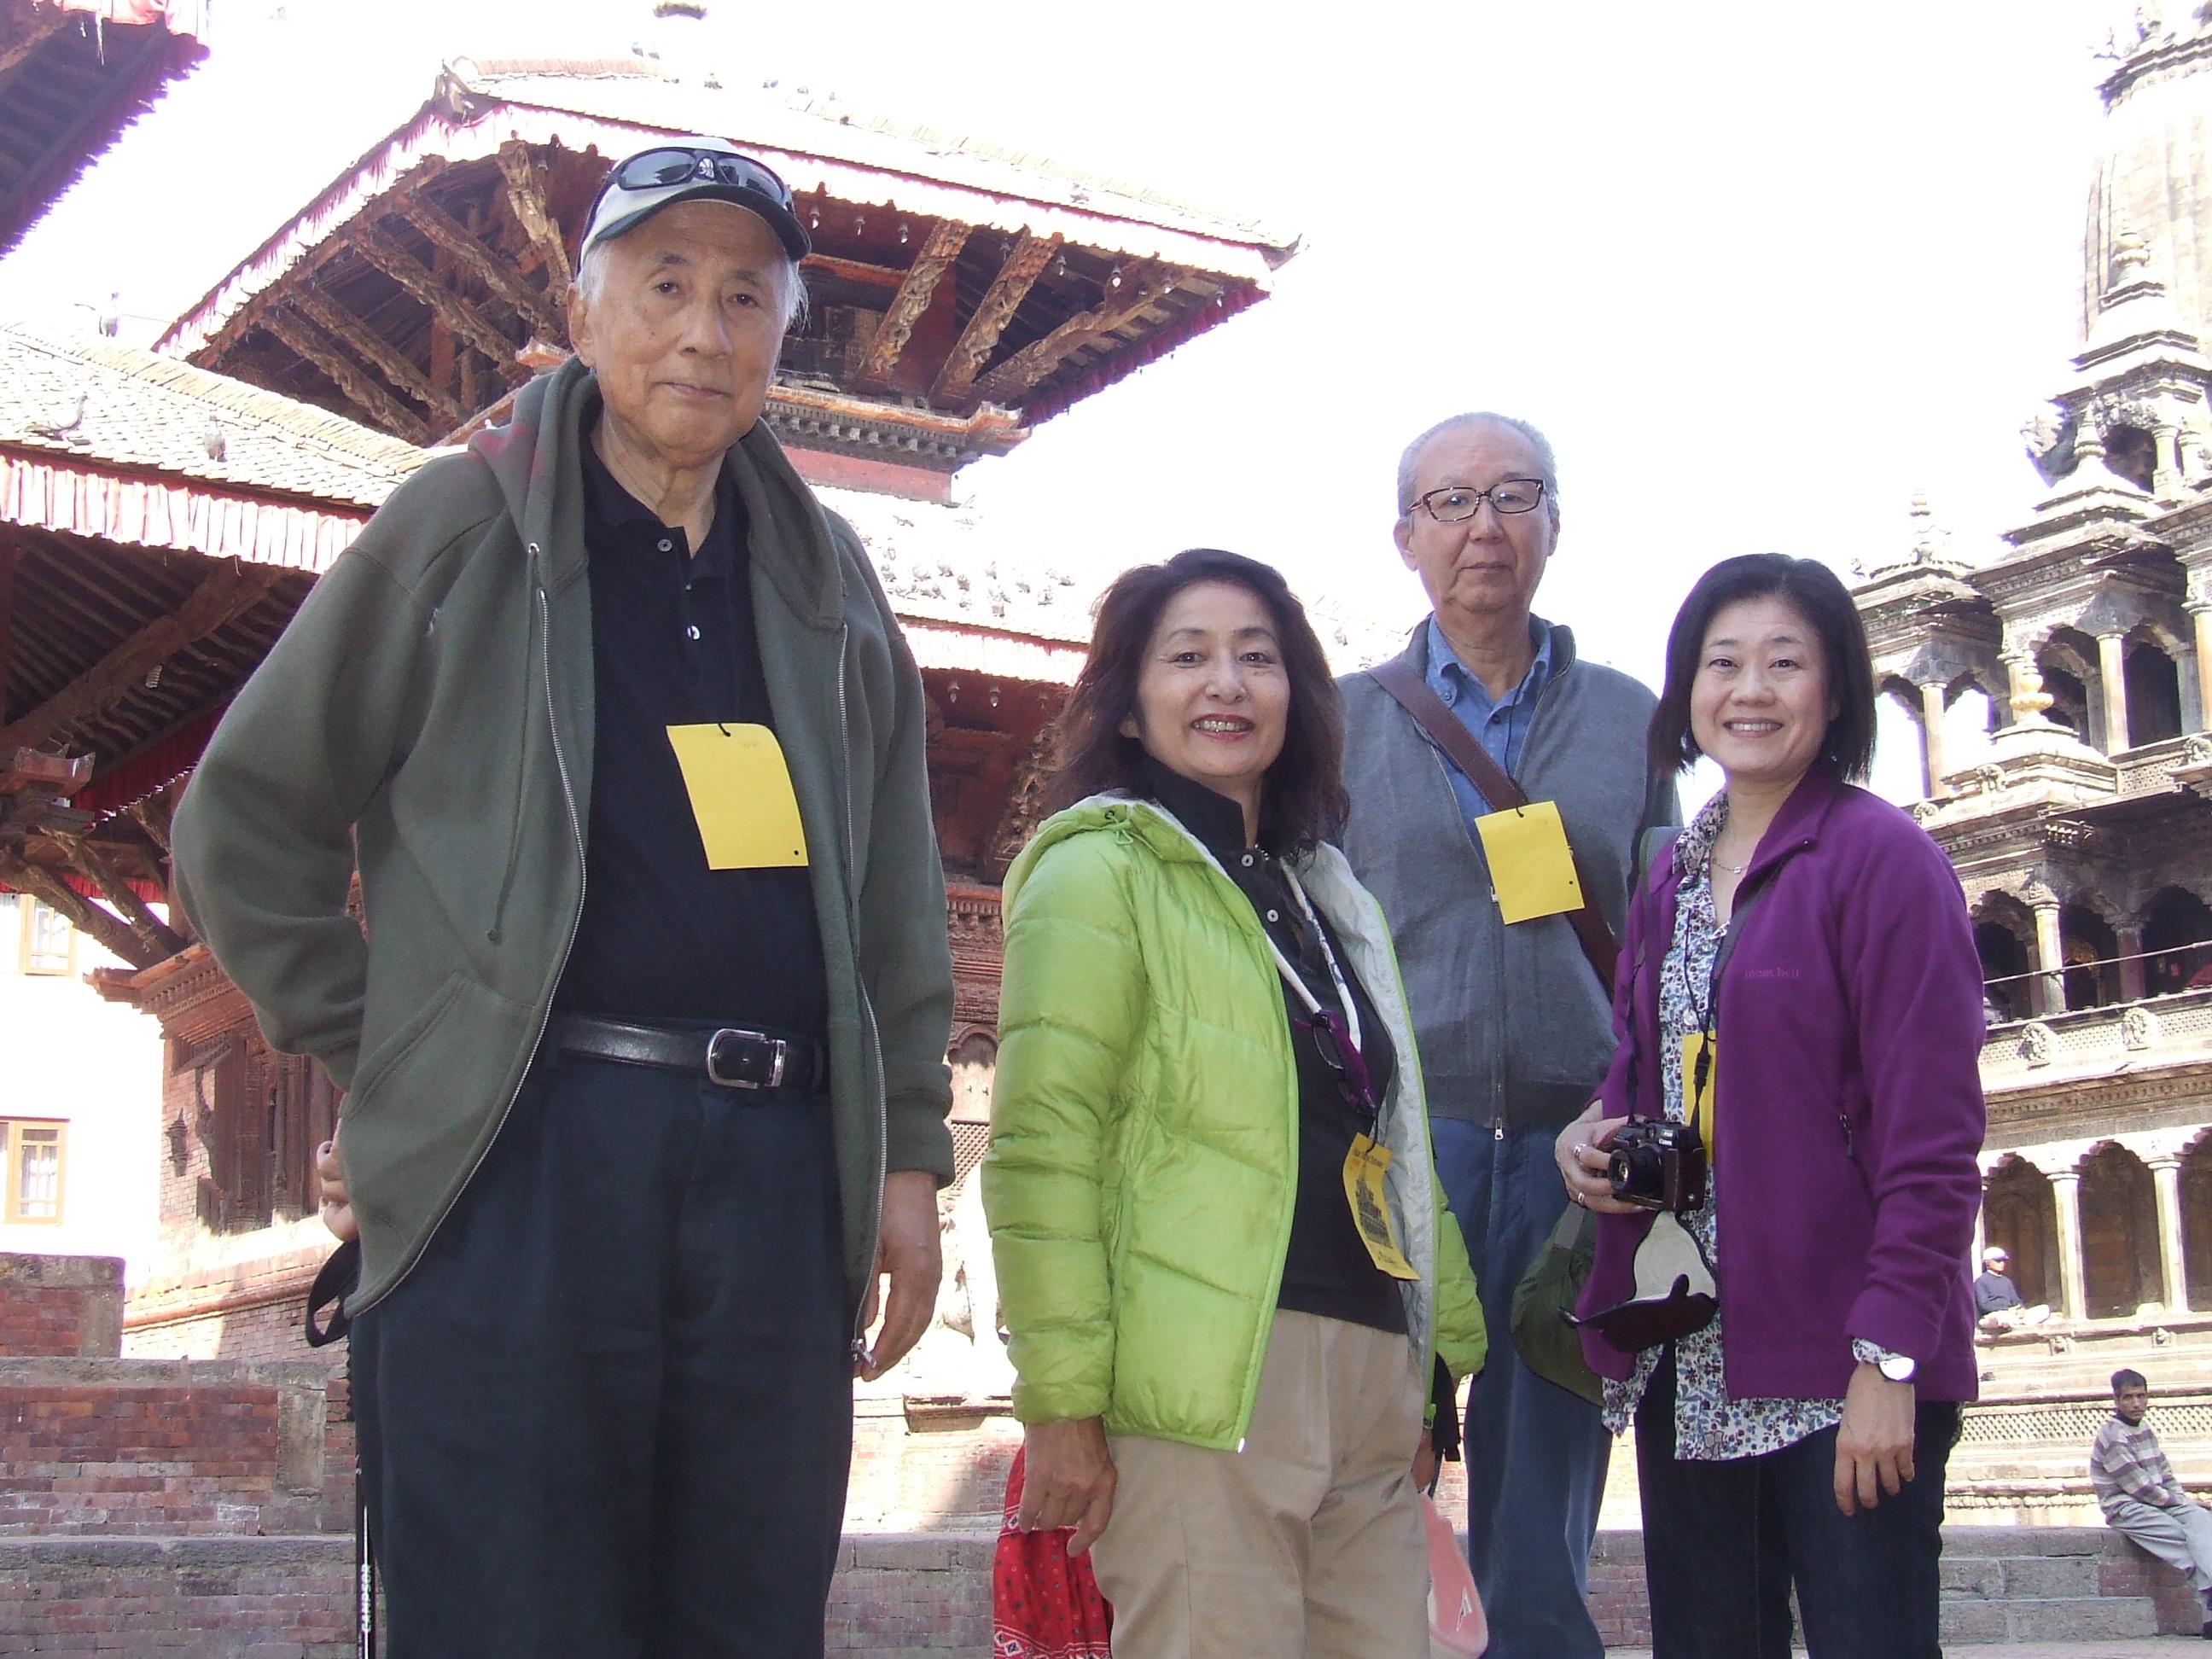 2_Arao-san and collaborators in Patan Durbar Square